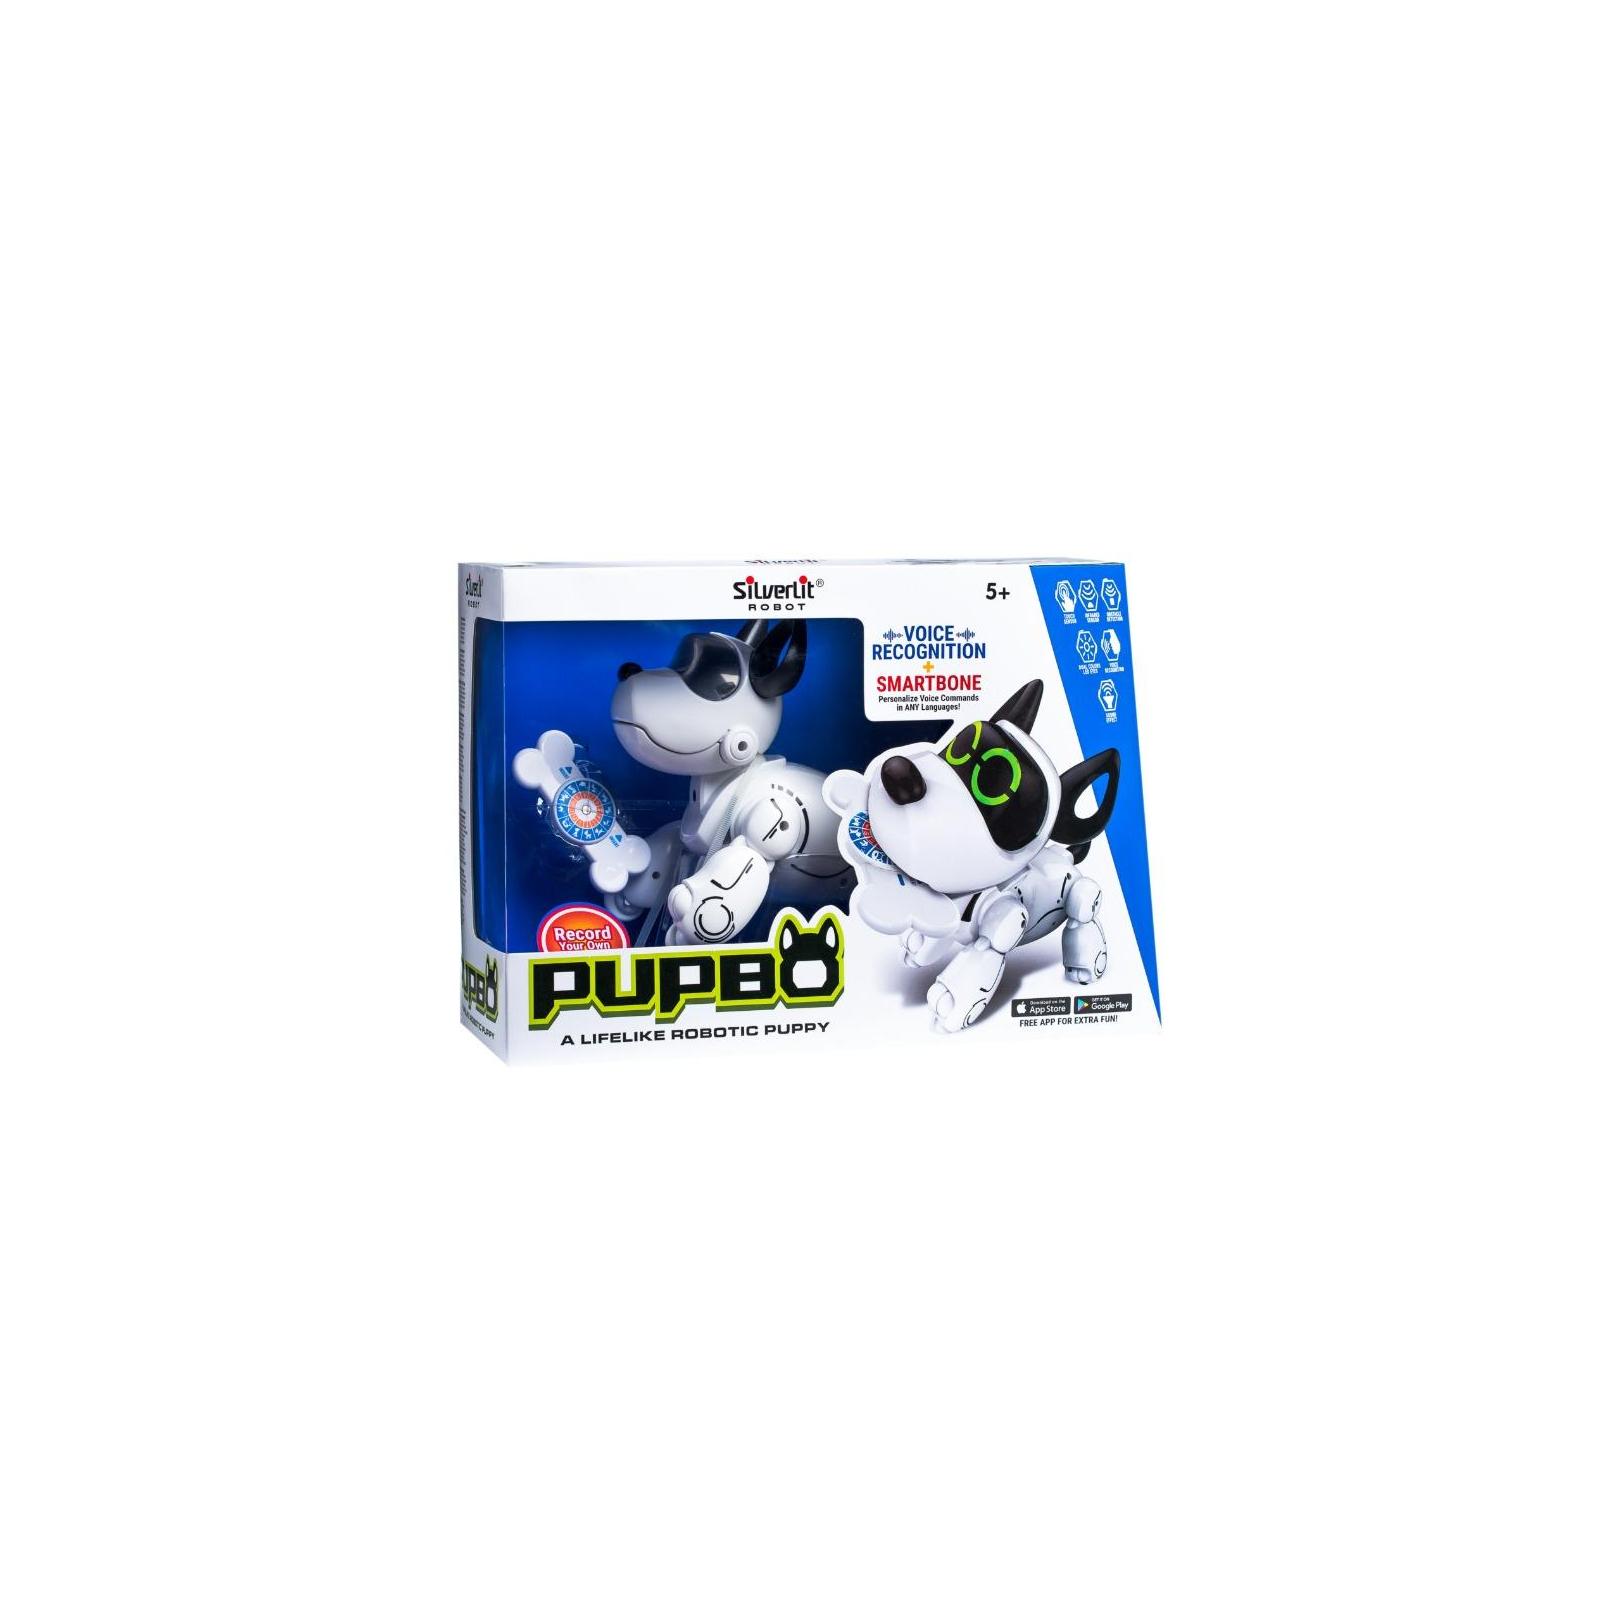 Интерактивная игрушка Silverlit собака-робот PUPBO (88520) изображение 6